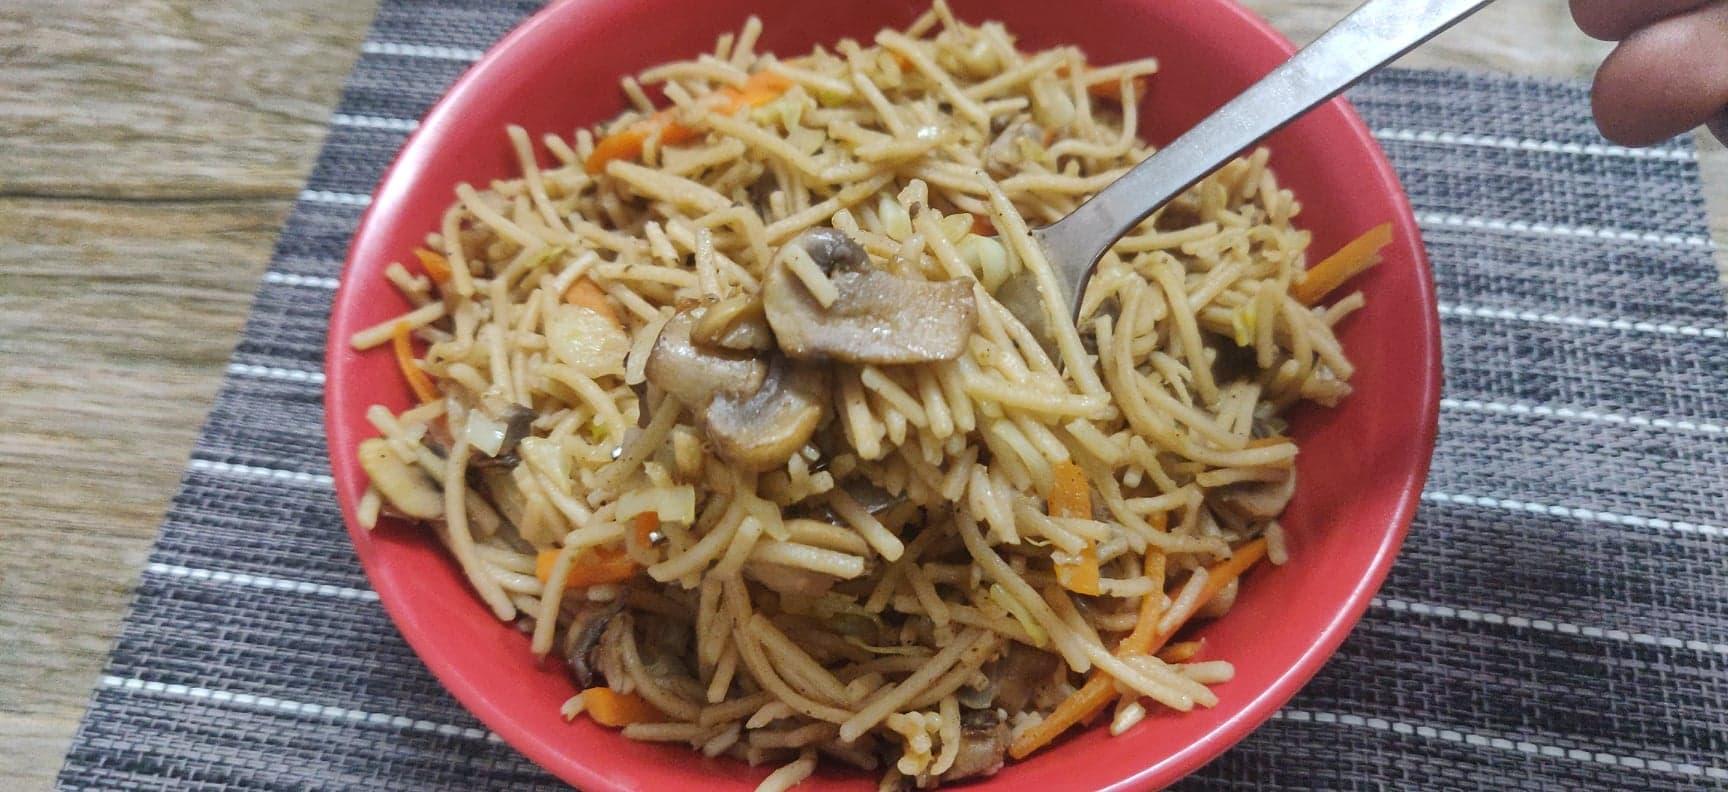 mushroom_noodles - 83555601_225015801830330_3499927918472069120_n